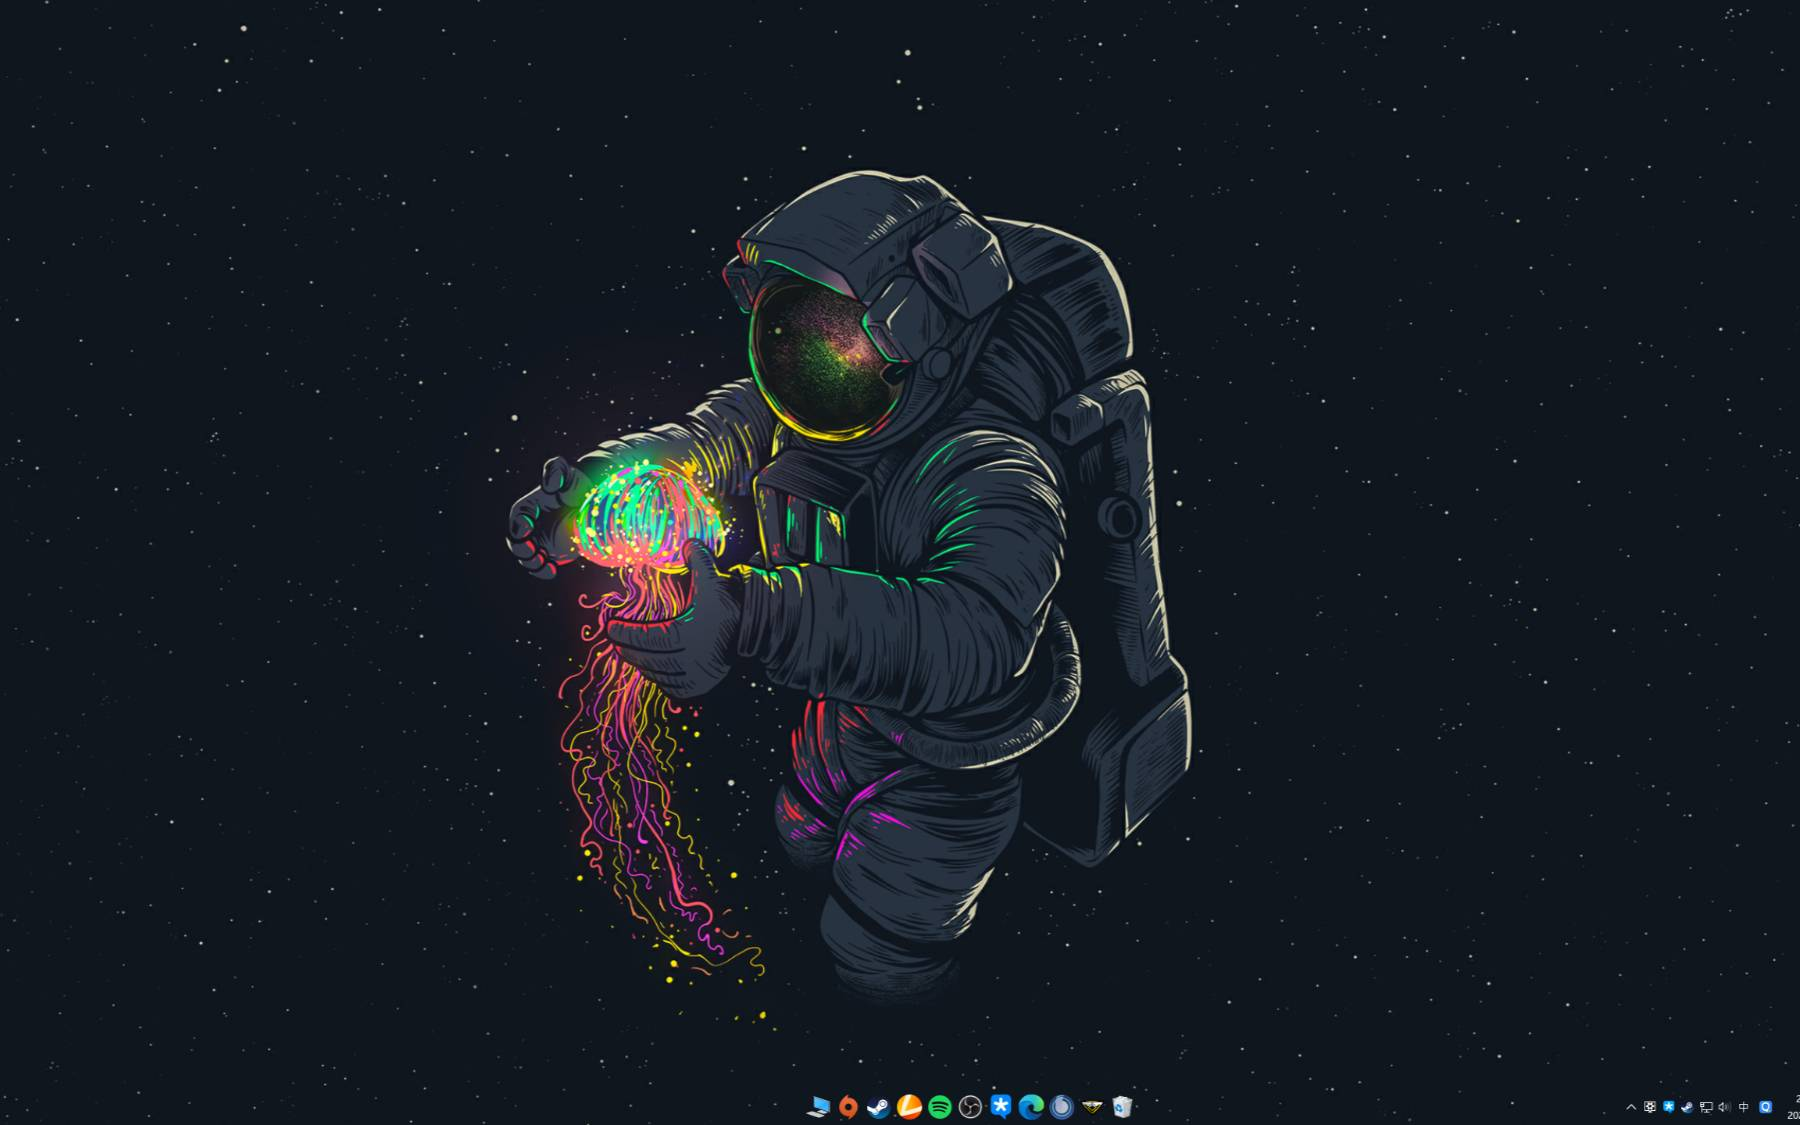 泰坦陨落2 Galaxy sky showcase